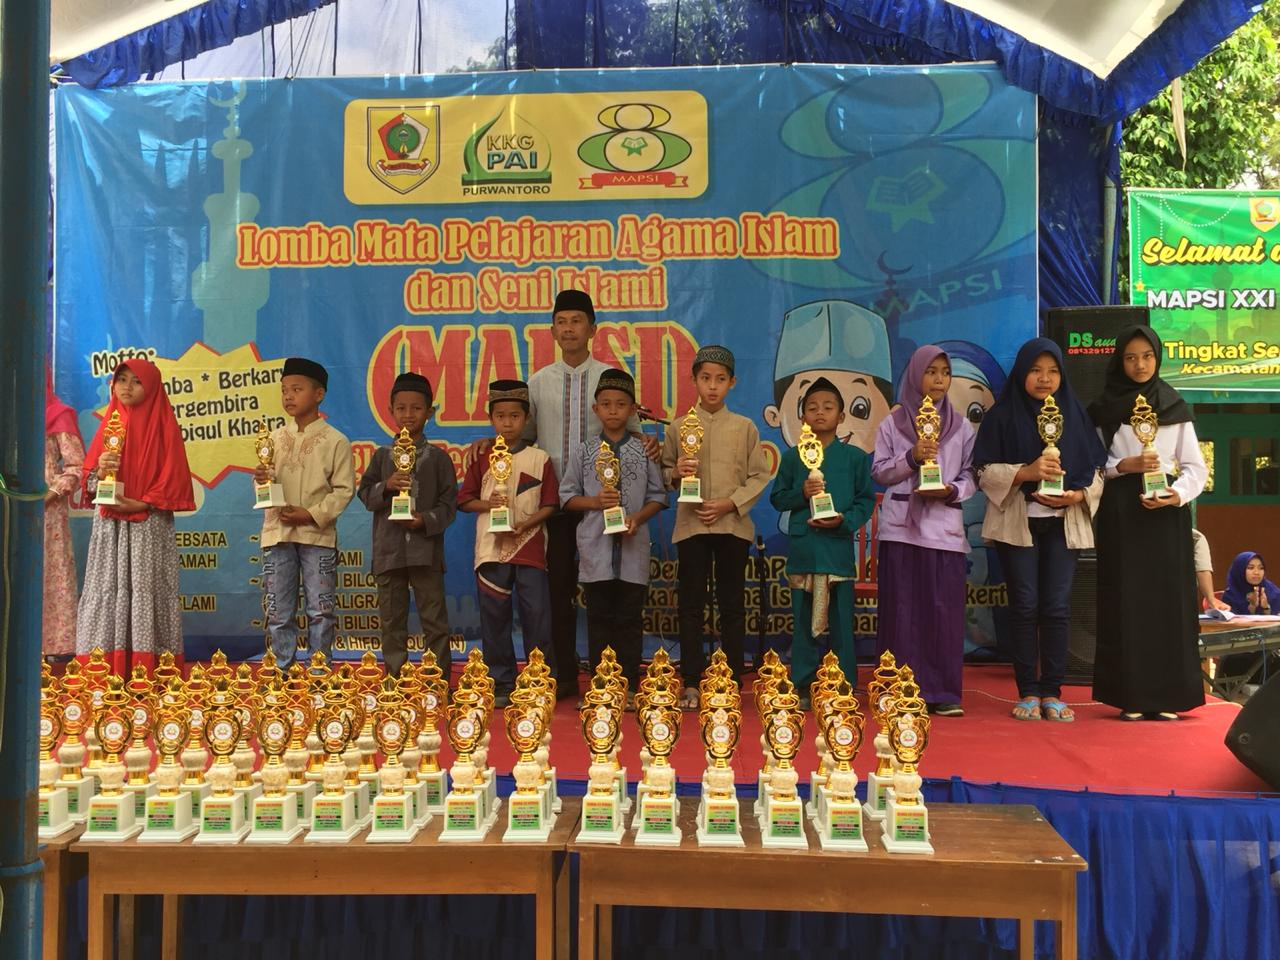 SDIT Nurul Iman Juara Umum MAPSI XXI Tingkat Kecamatan Purwantoro